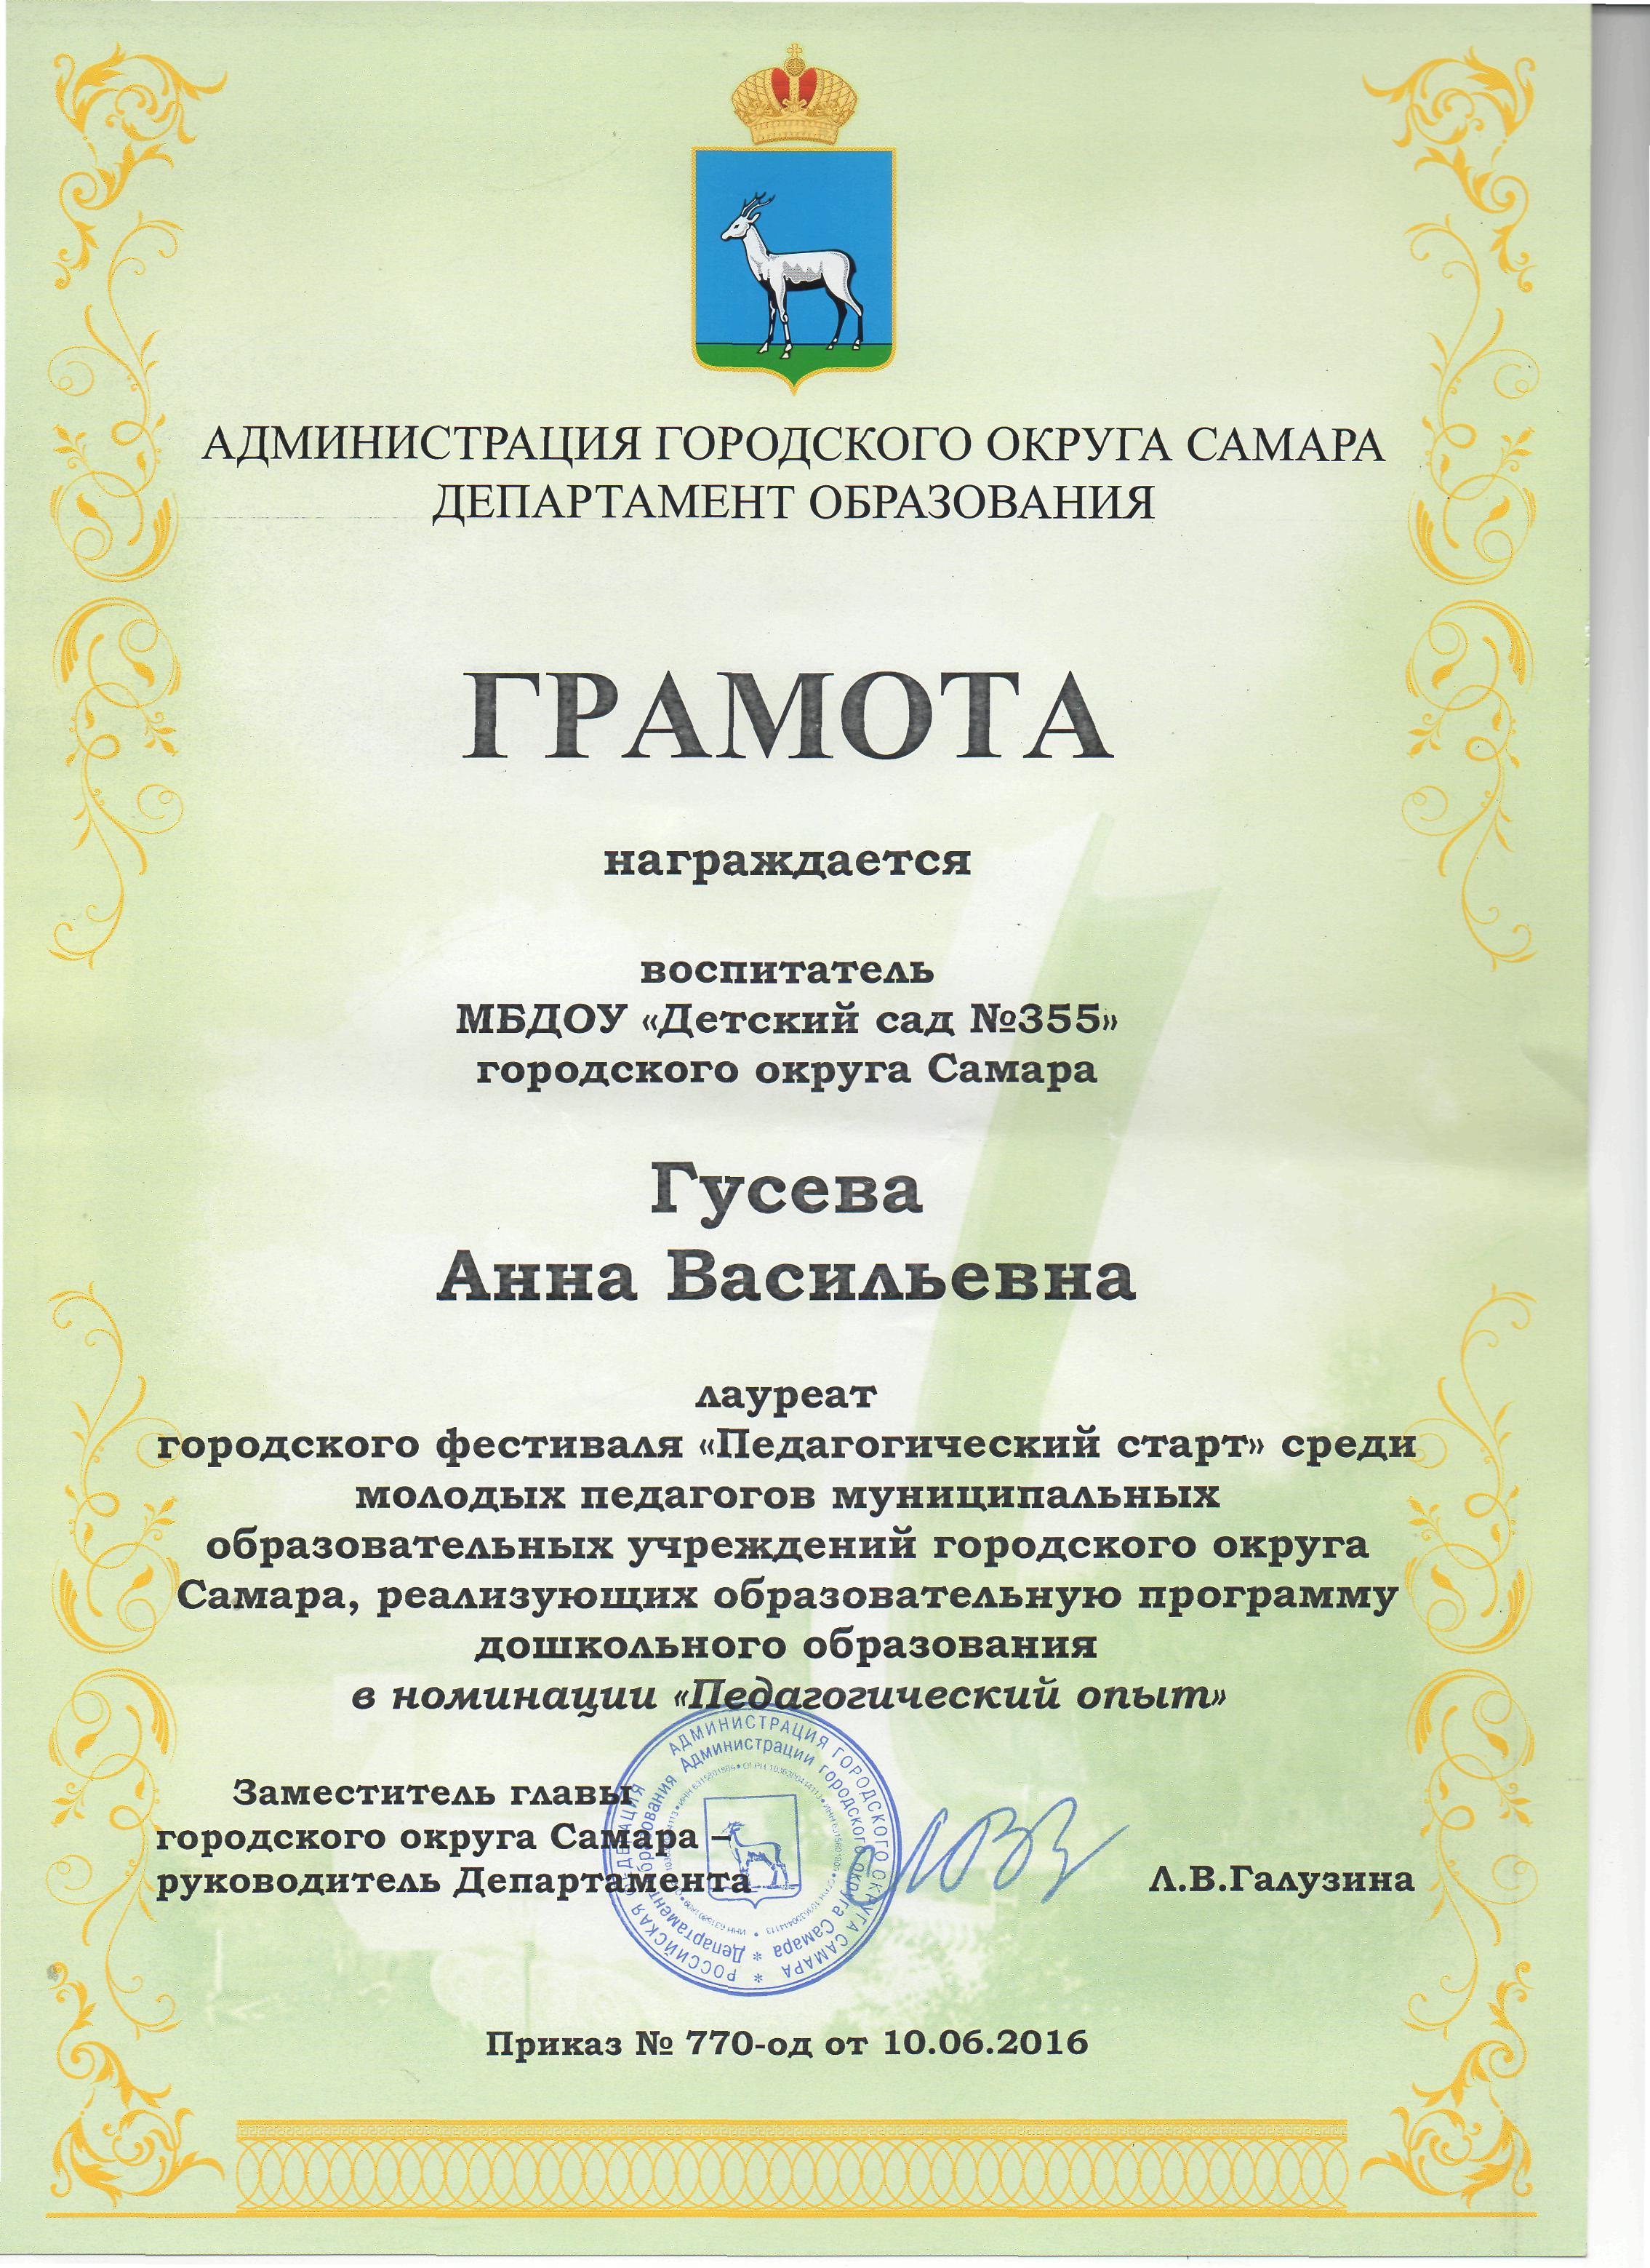 Грамота лауреата городского фестиваля педагогический старт